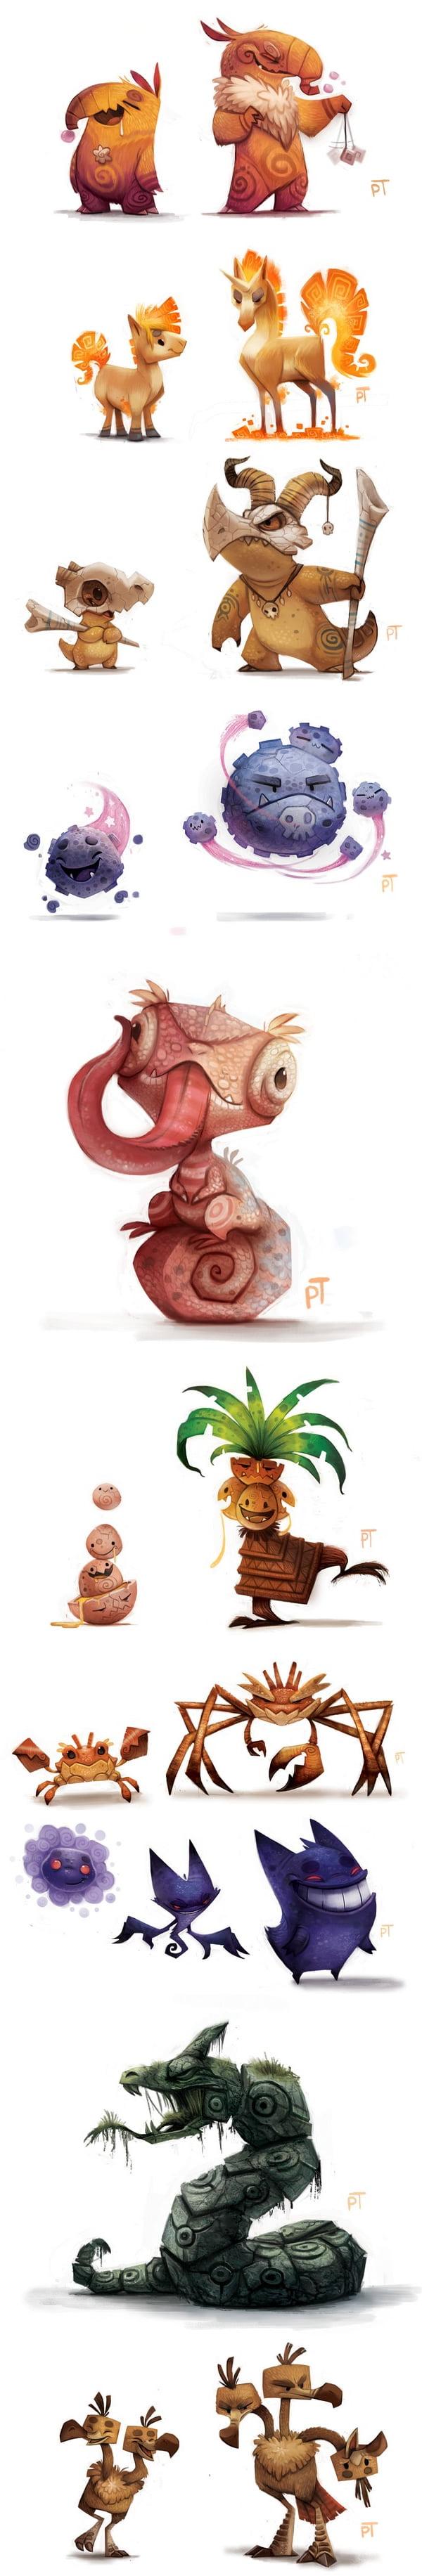 Pokémon according to Piper Thibodeau